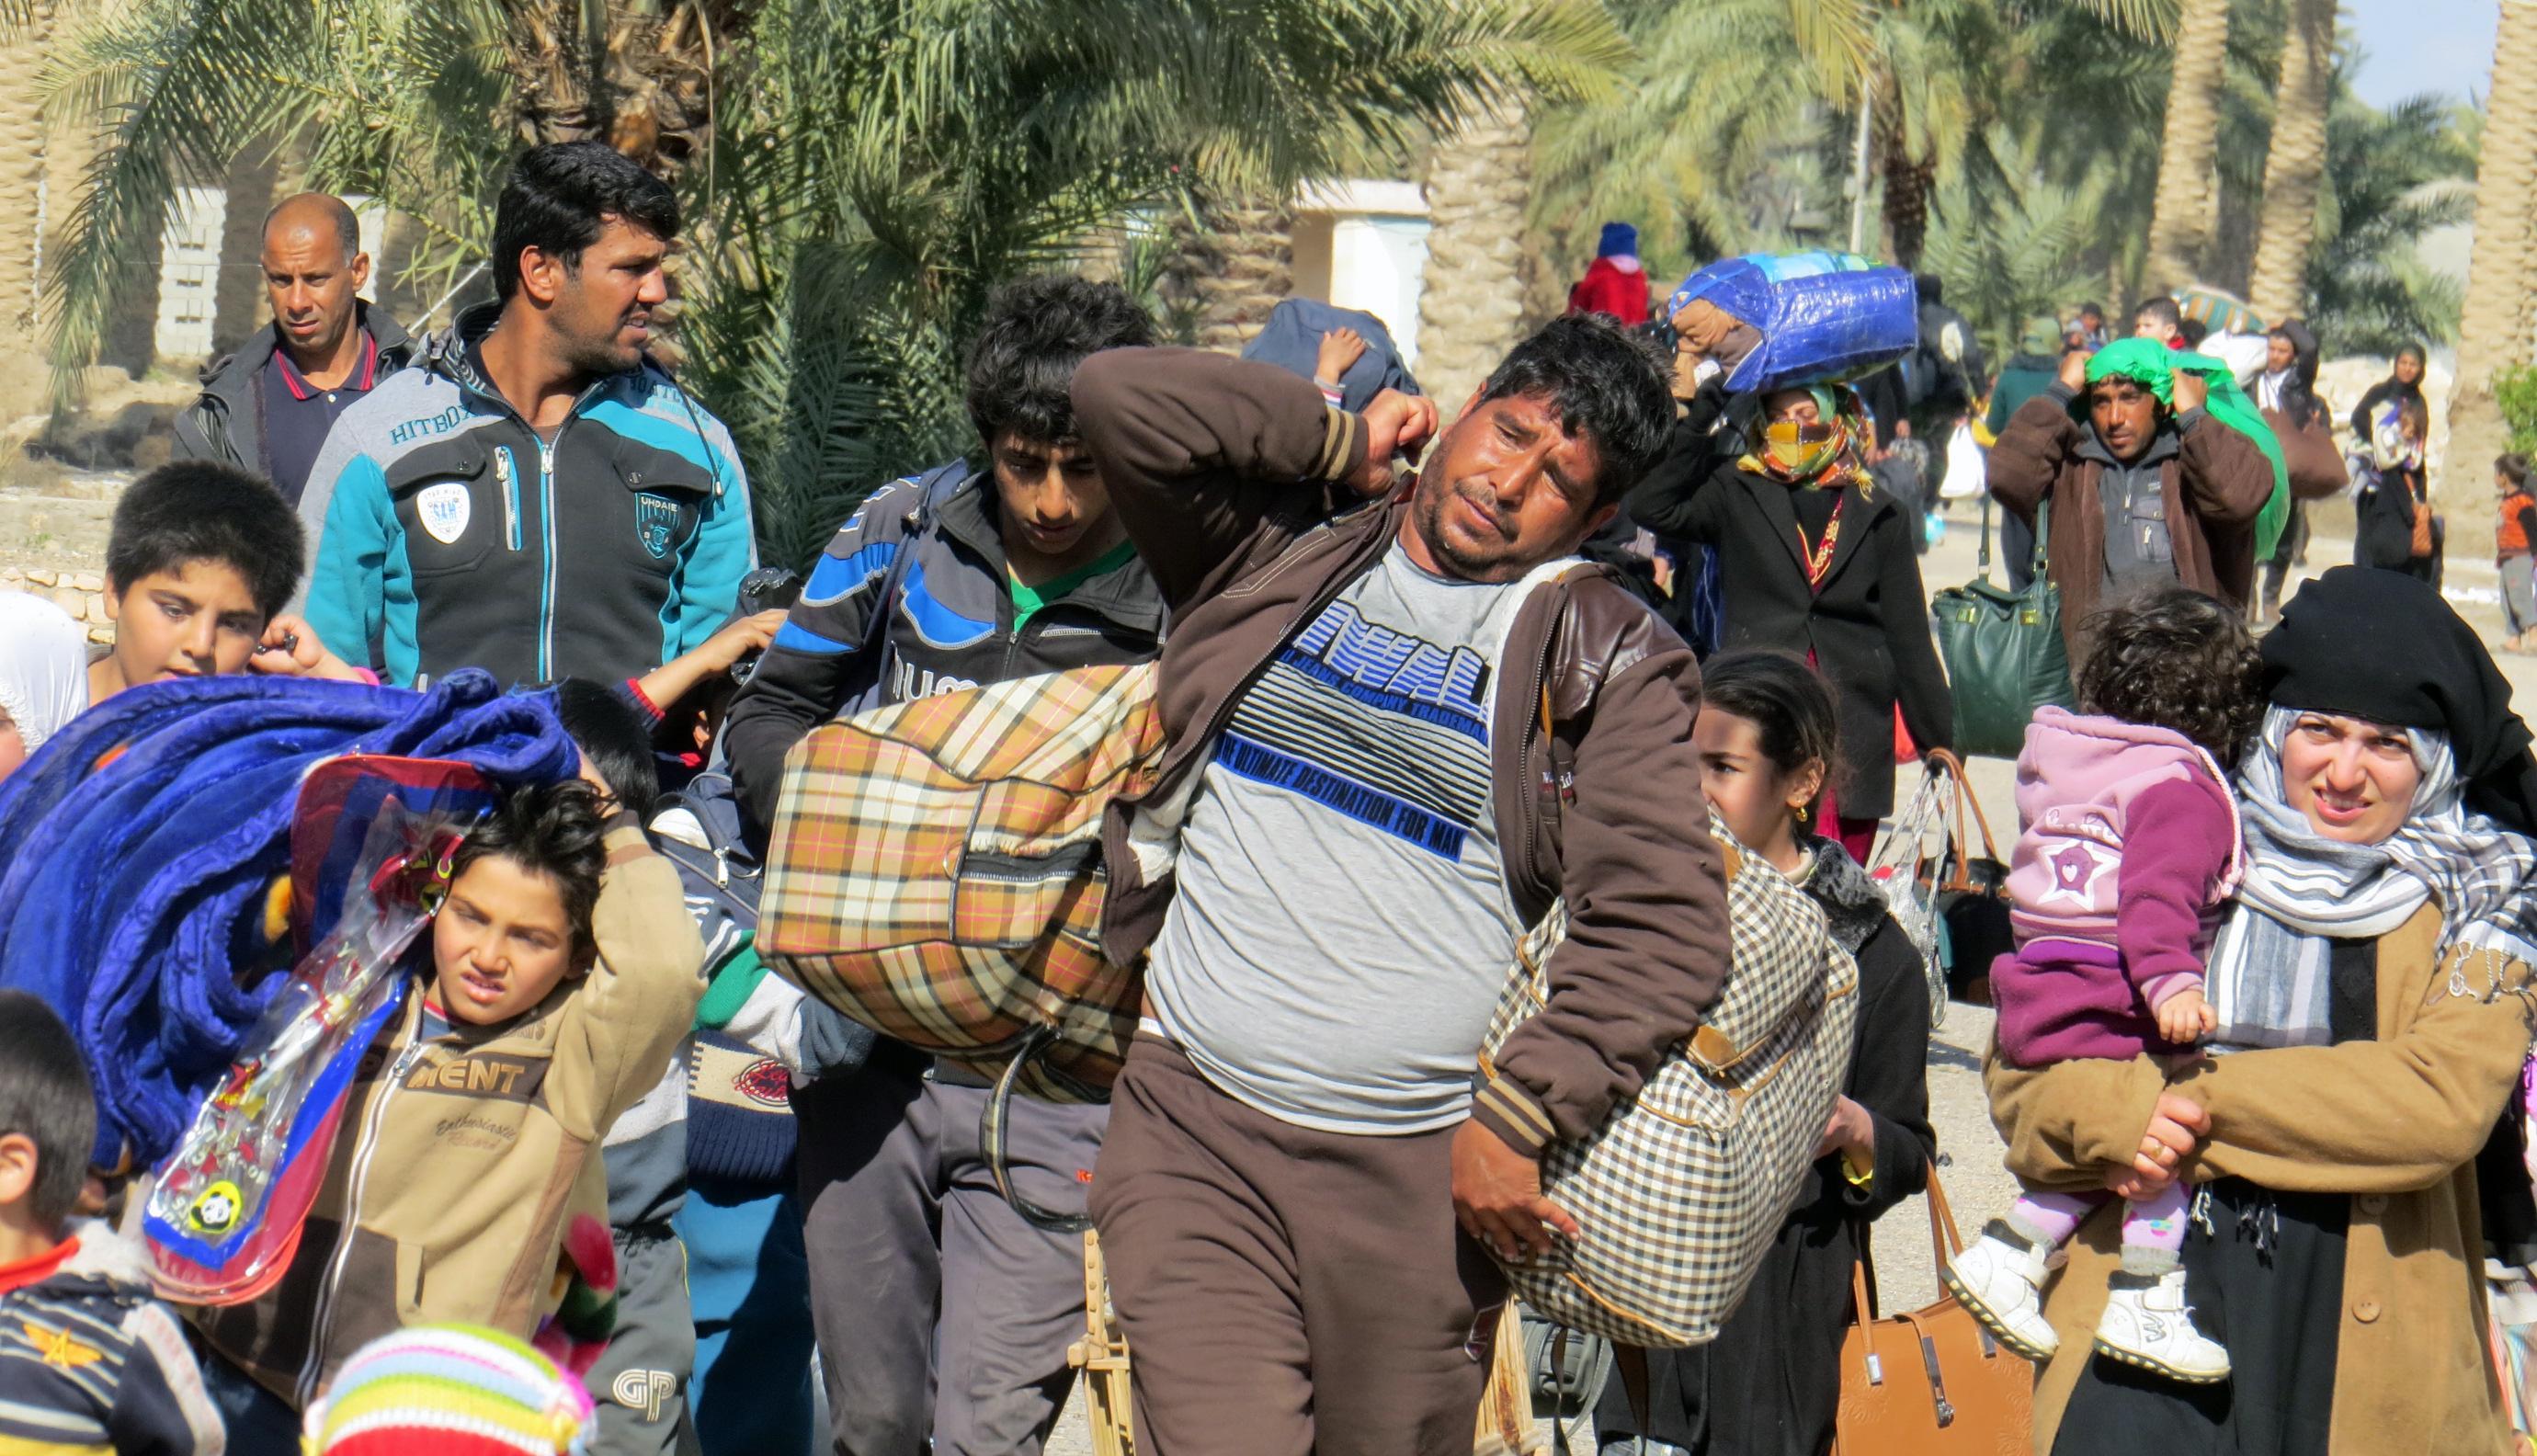 Letzte Anti-IS-Offensive in Mossul: Bald 1,5 Millionen auf der Flucht – Tausende IS-Kämpfer frei